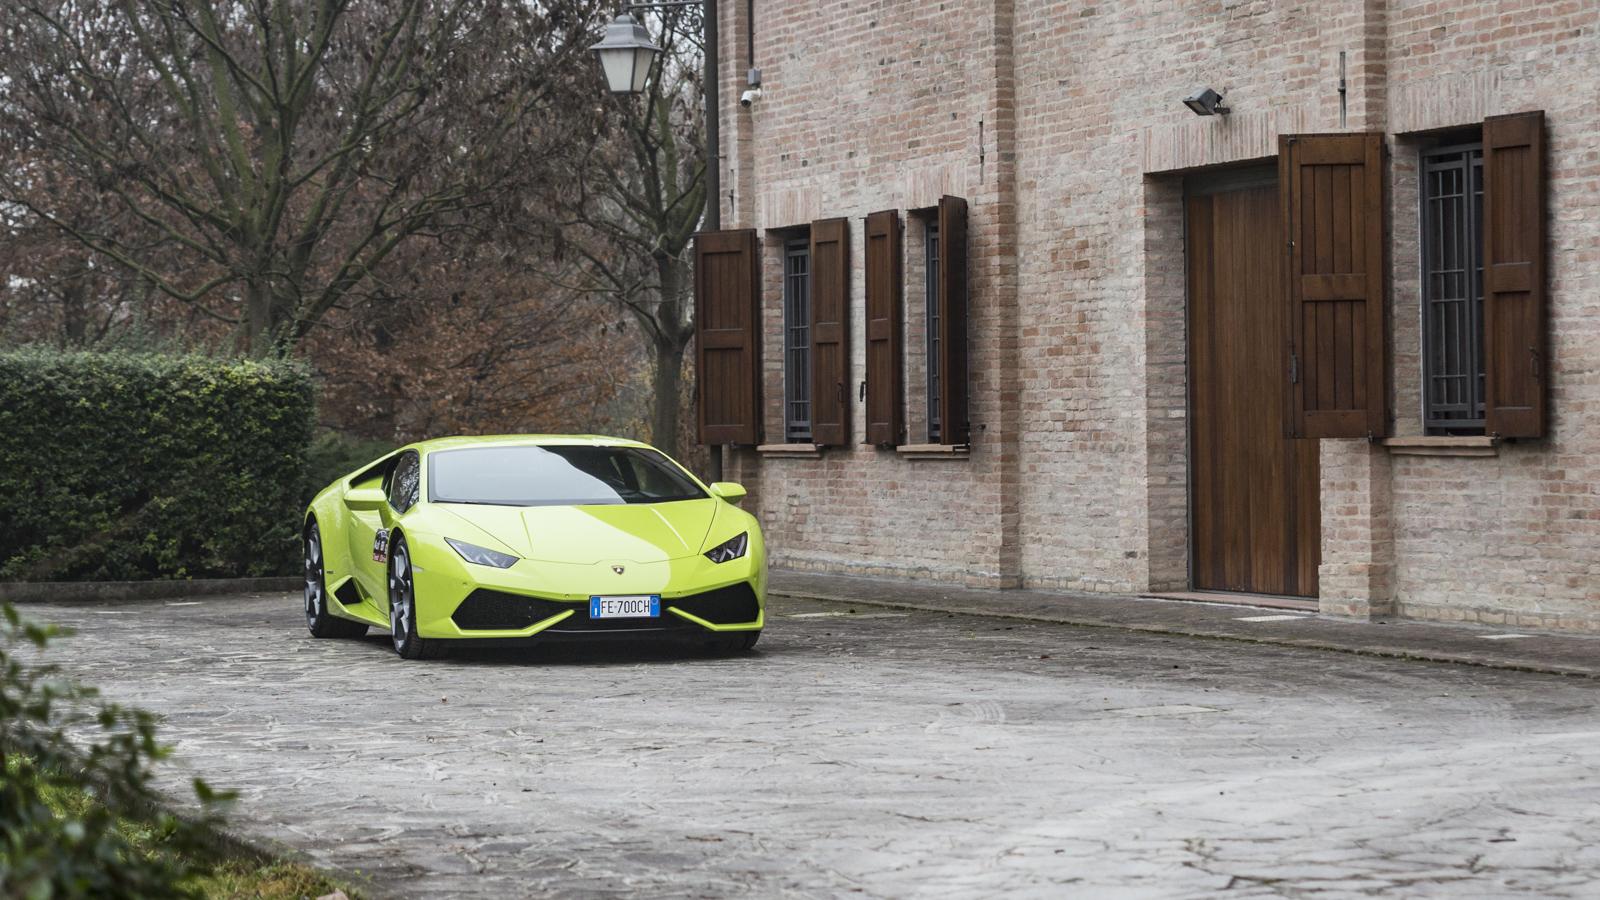 Test_Drive_Lamborghini_Huracan_LP610-4_11